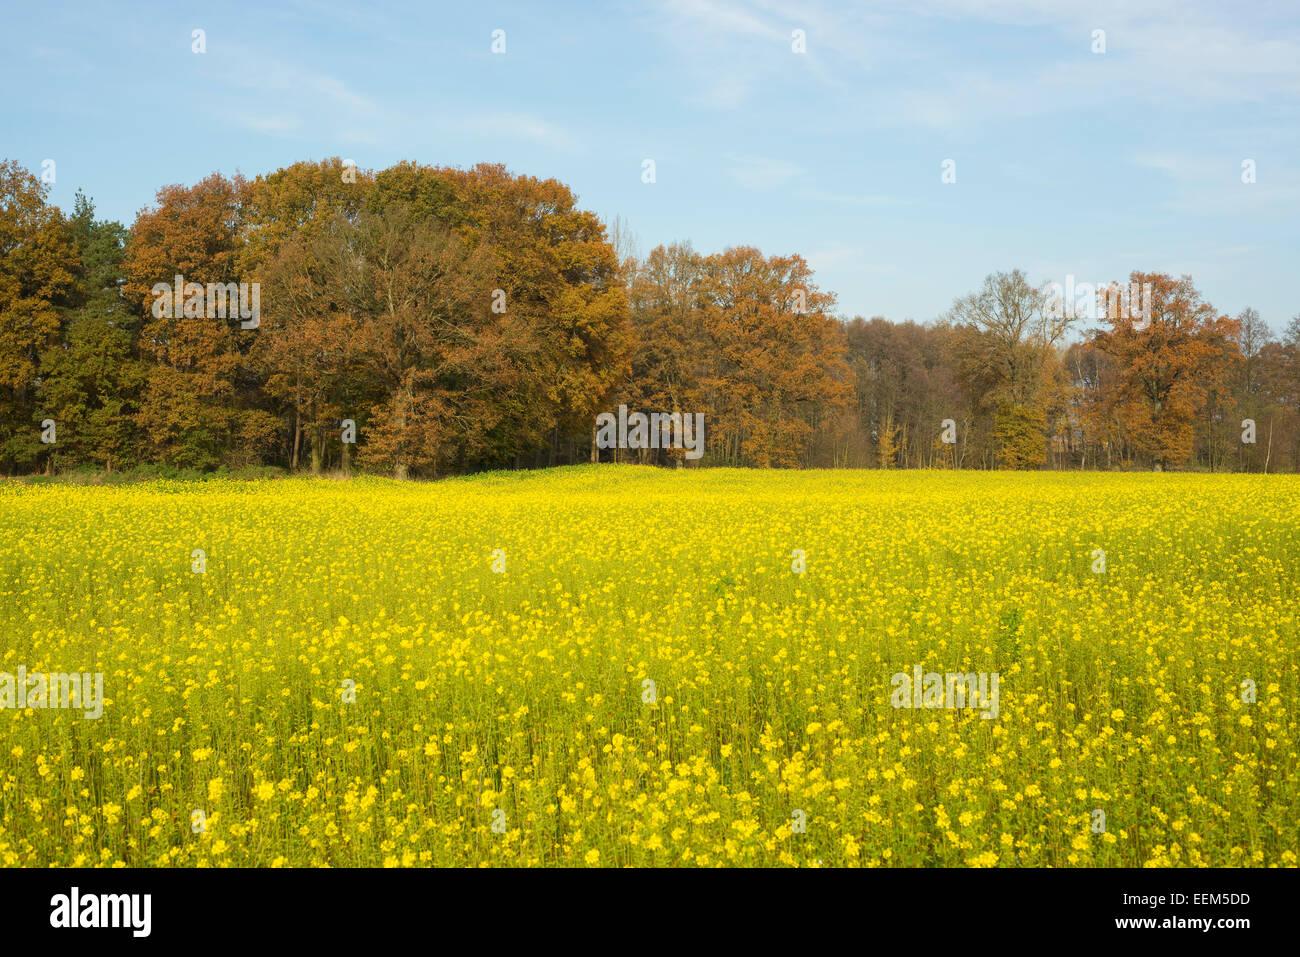 La senape bianca (Sinapis alba), giallo campo di fioritura in autunno, Bassa Sassonia, Germania Immagini Stock